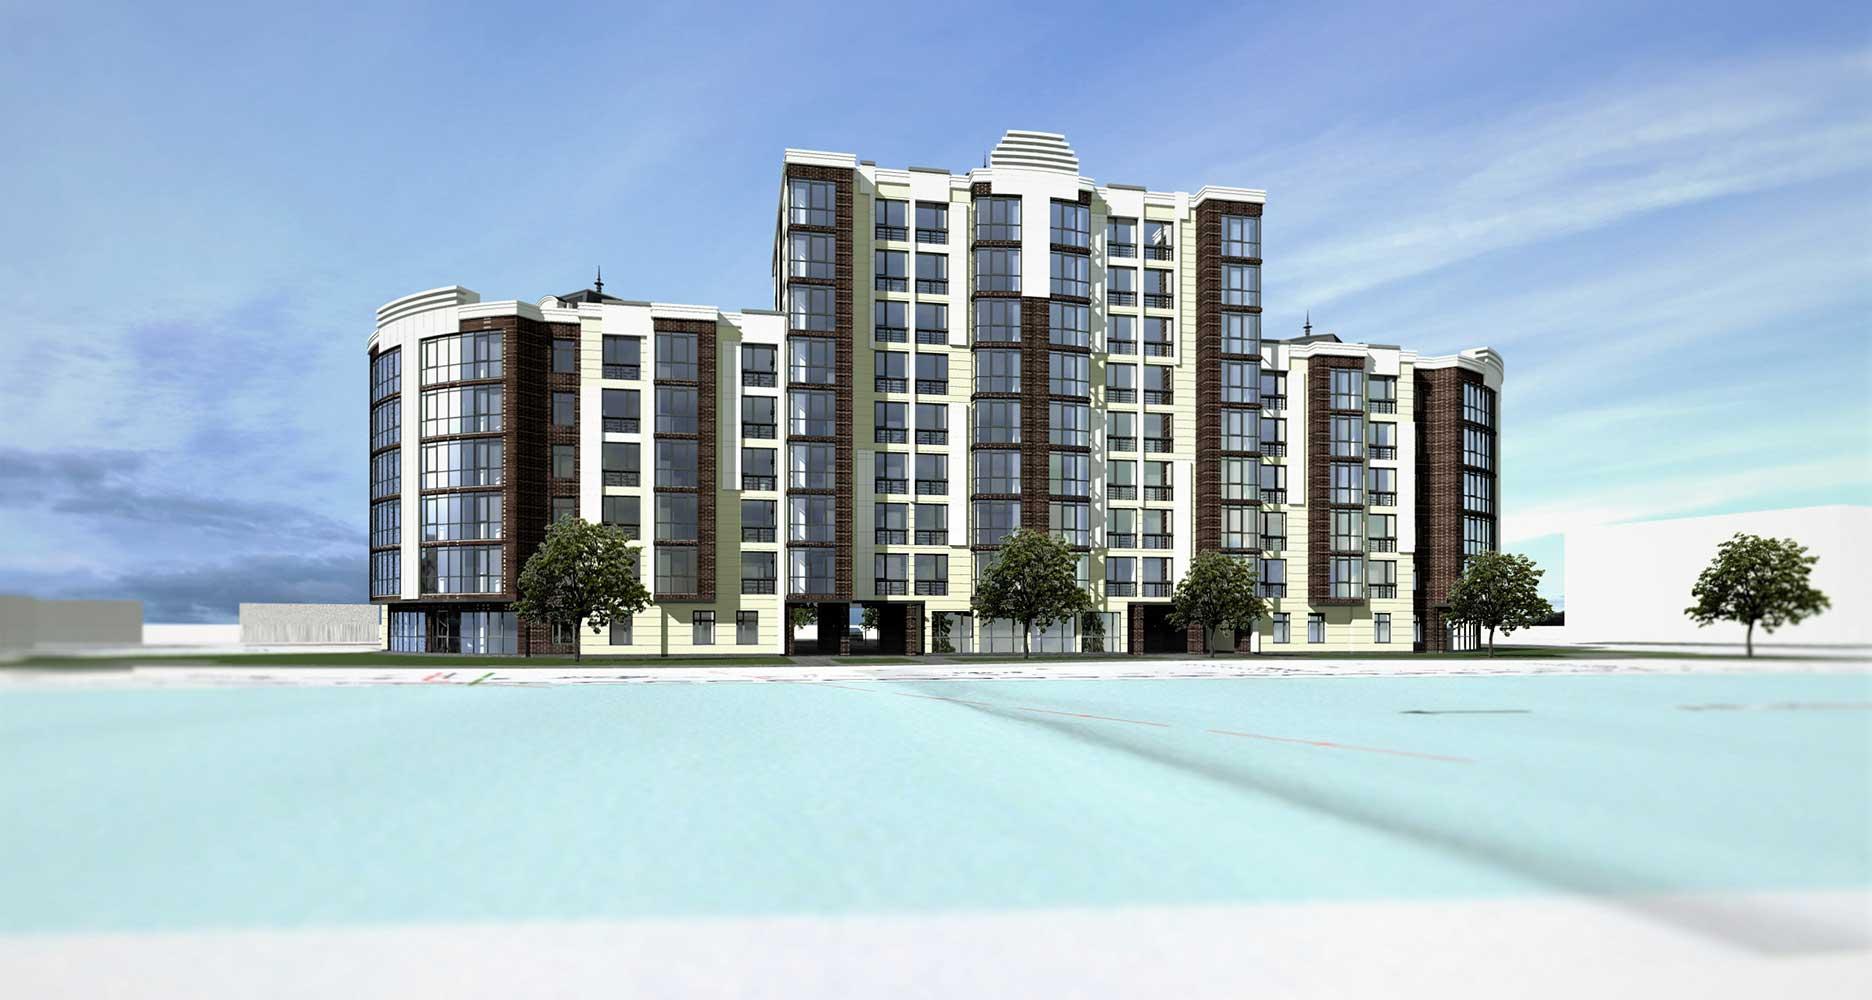 Проектное предложение жилого комплекса по ул. Свердлова в г. Виннице (фото 7)